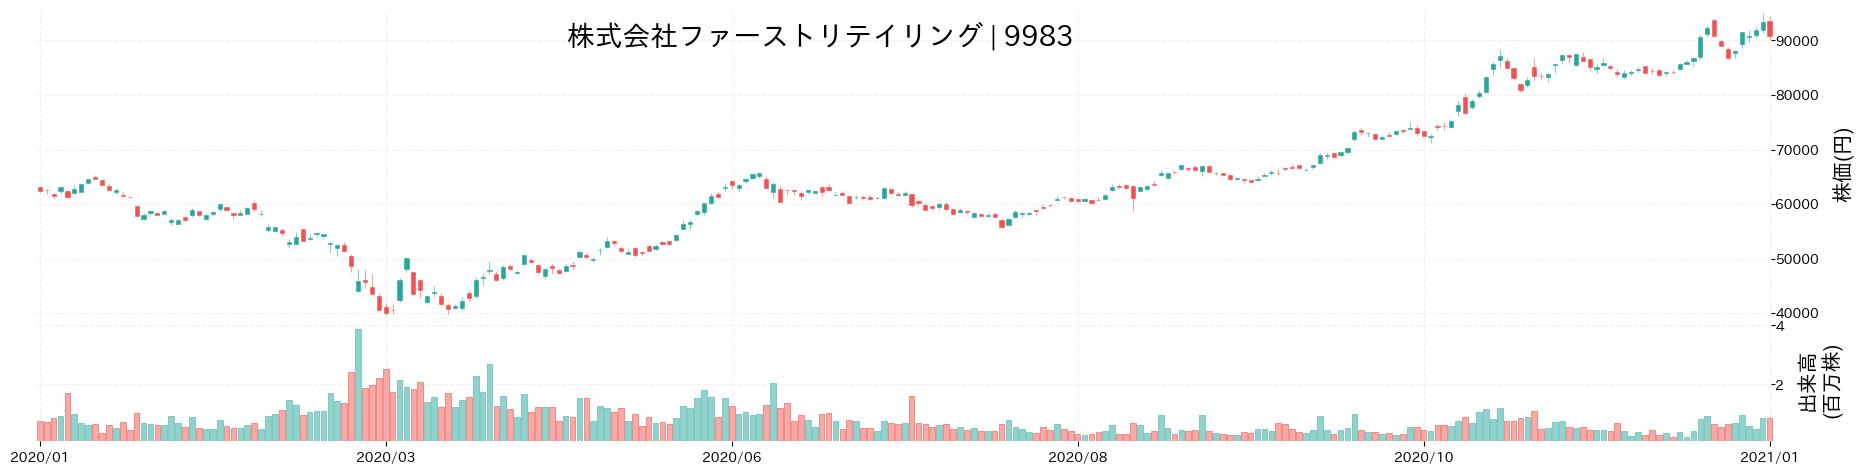 株式会社ファーストリテイリングの株価推移(2020)